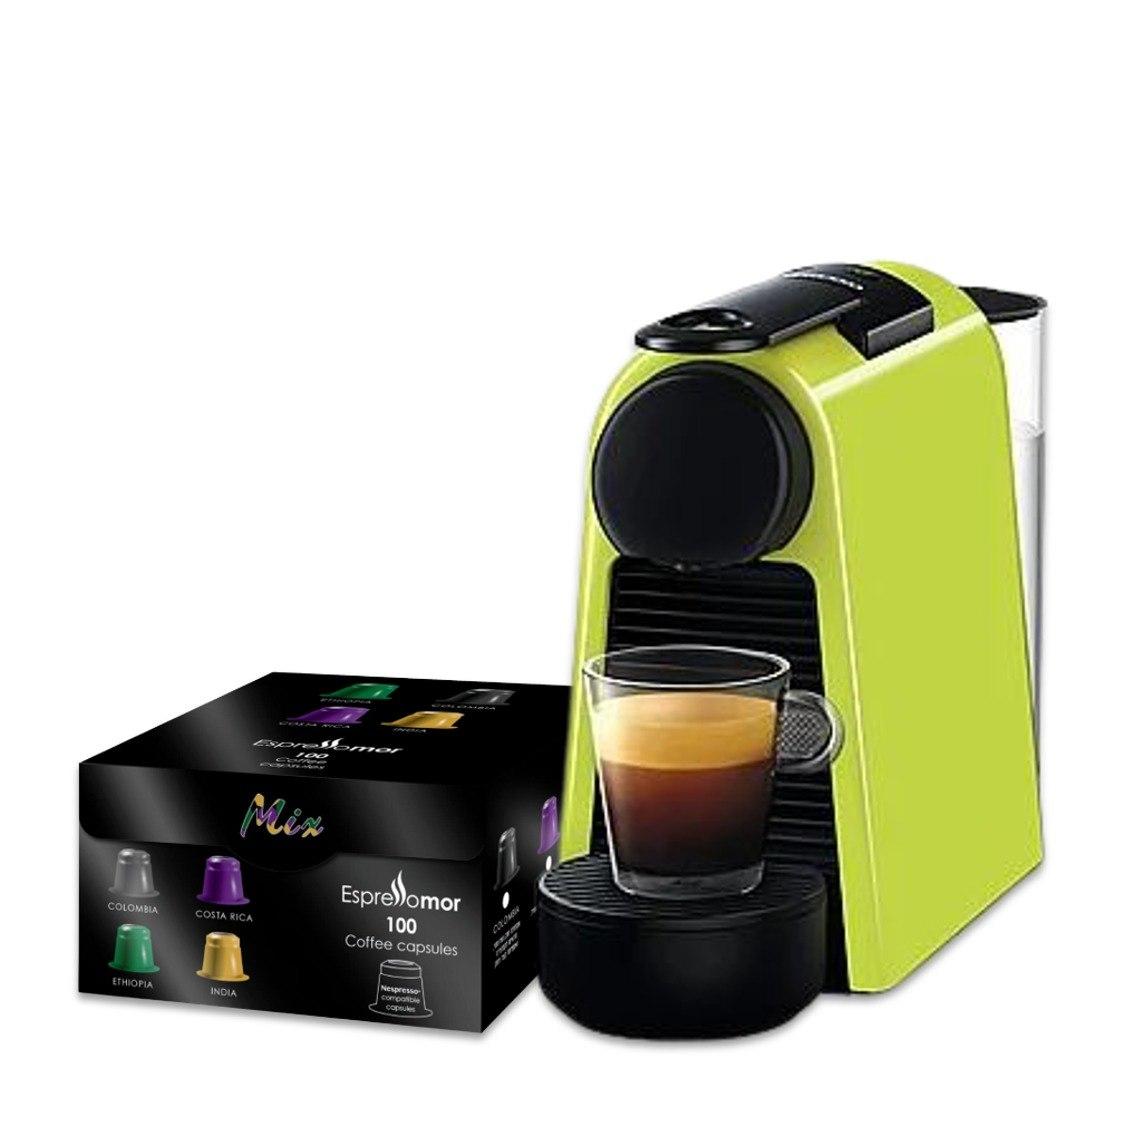 מכונת נספרסו Essenza Mini ו100 קפסולות קפה אספרסו מור מתנה